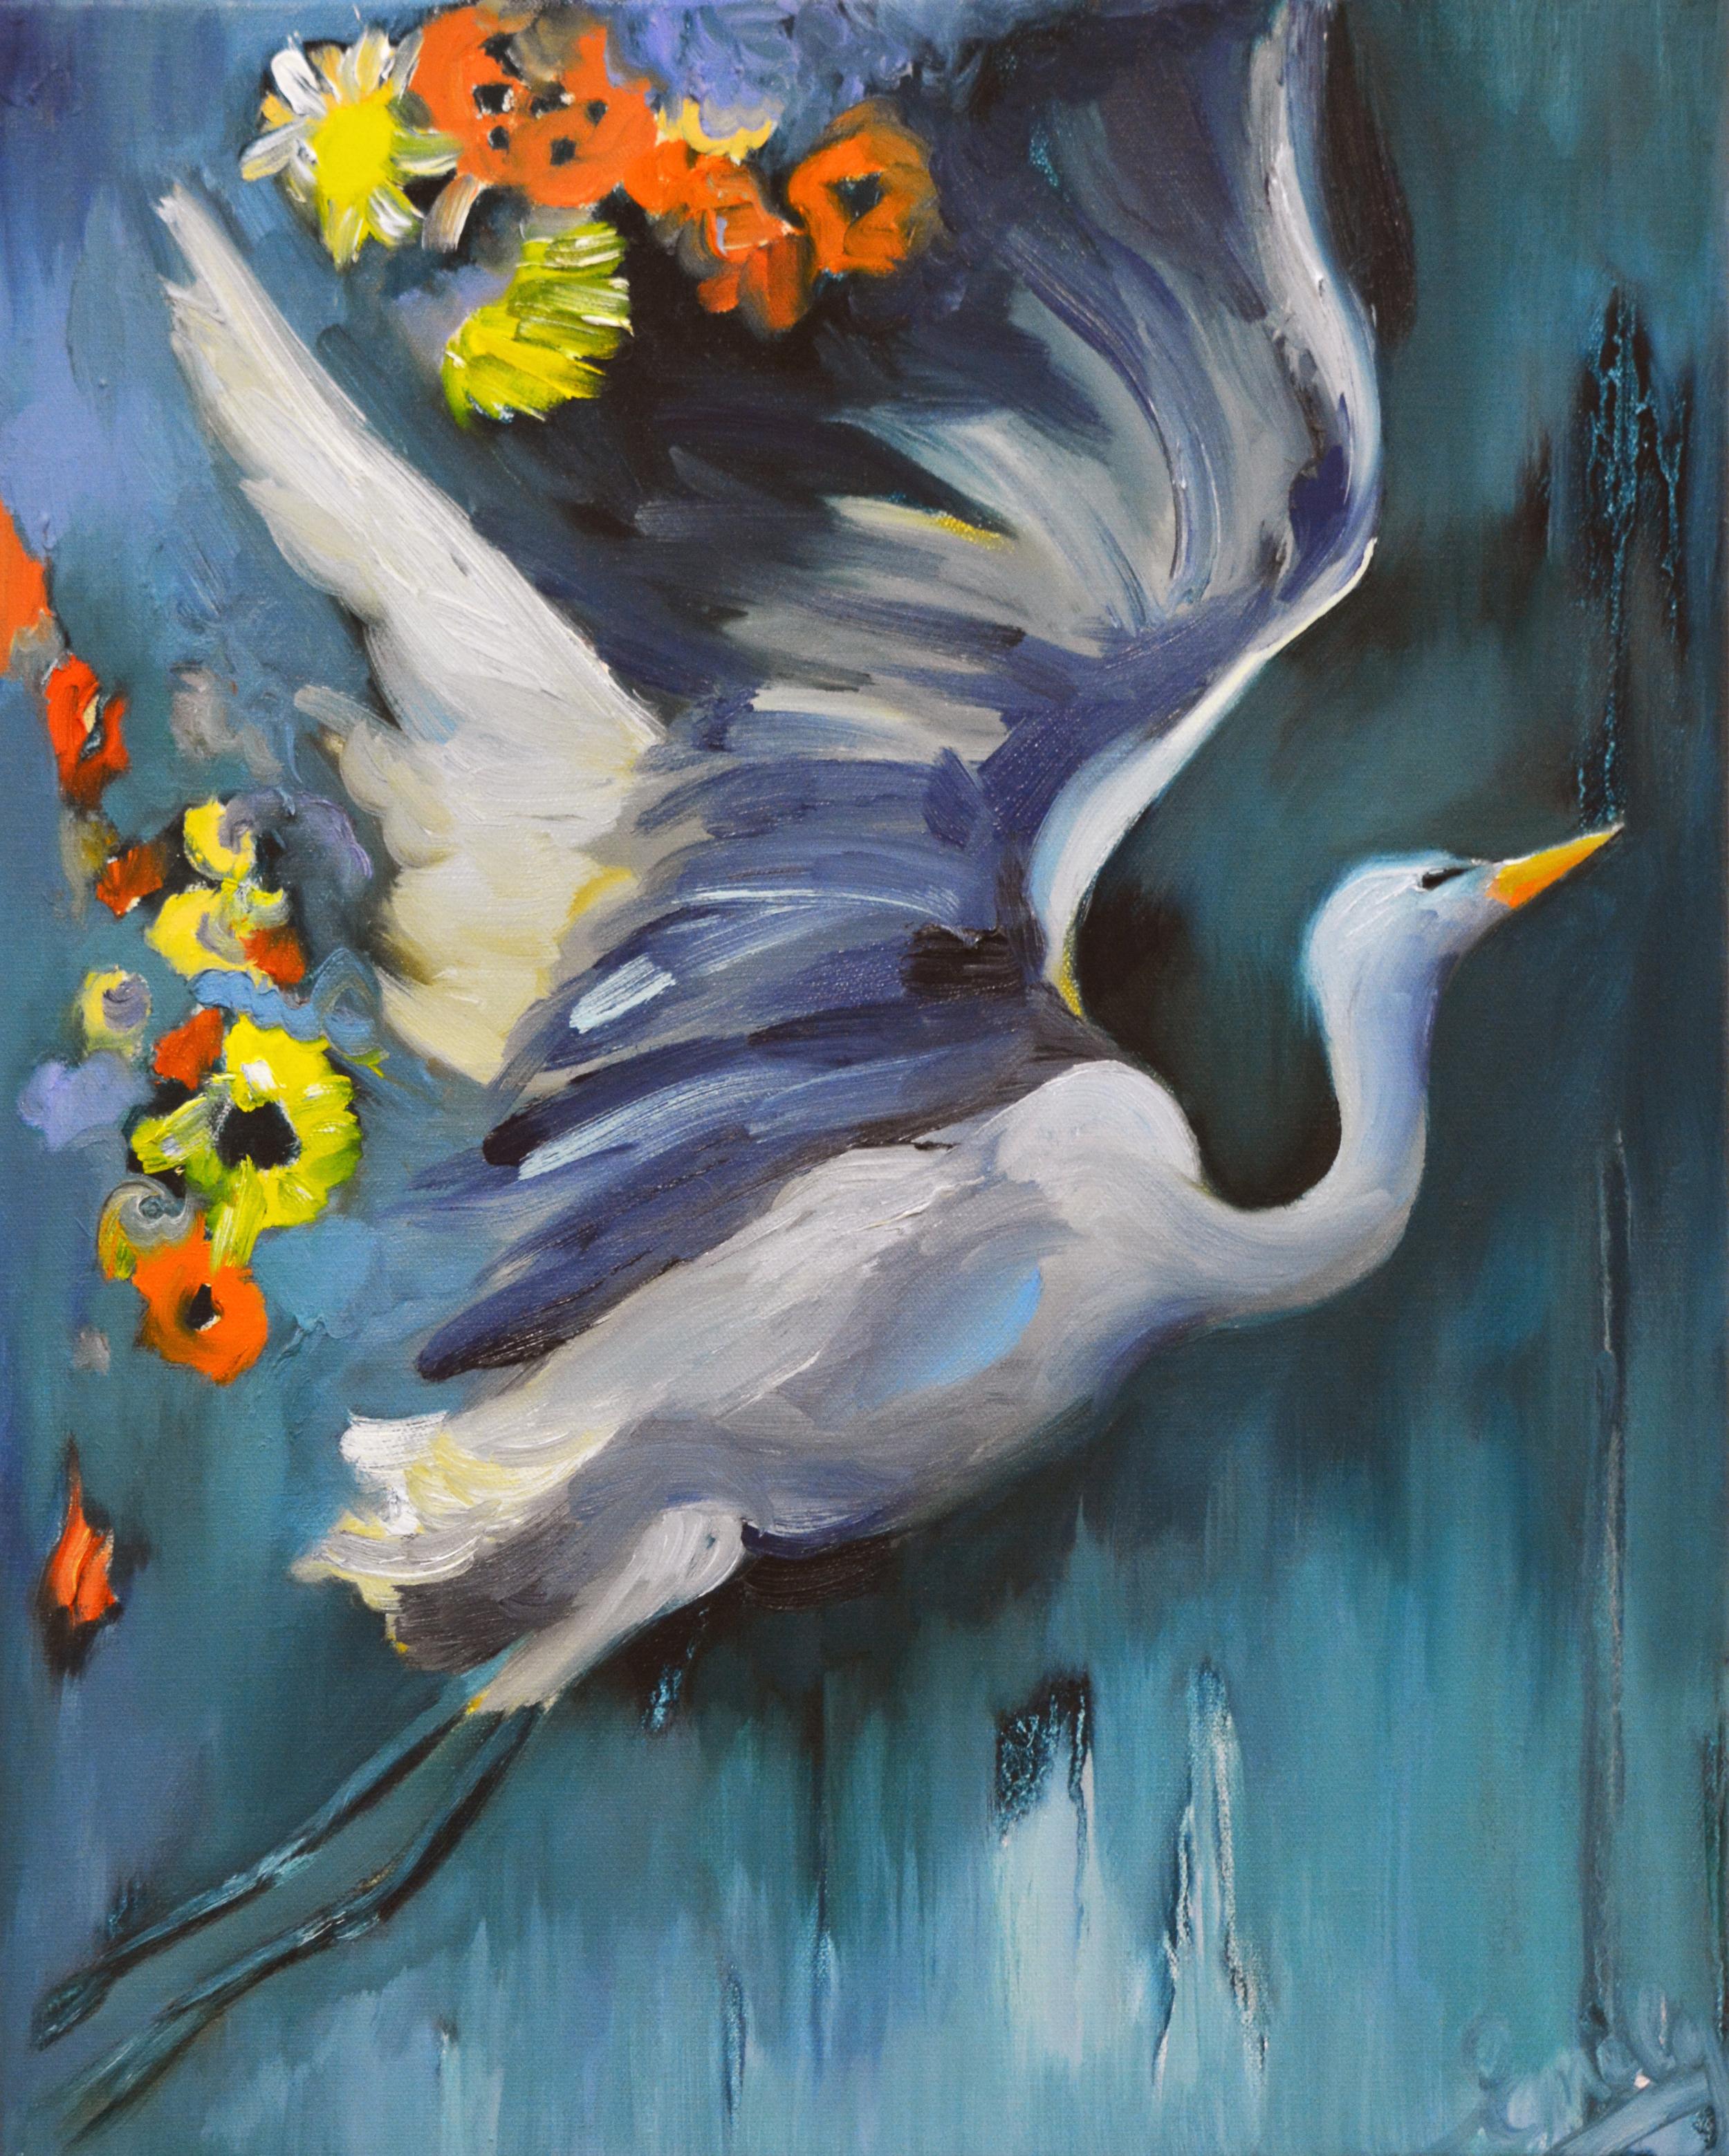 'Autumn Glory', oil on canvas